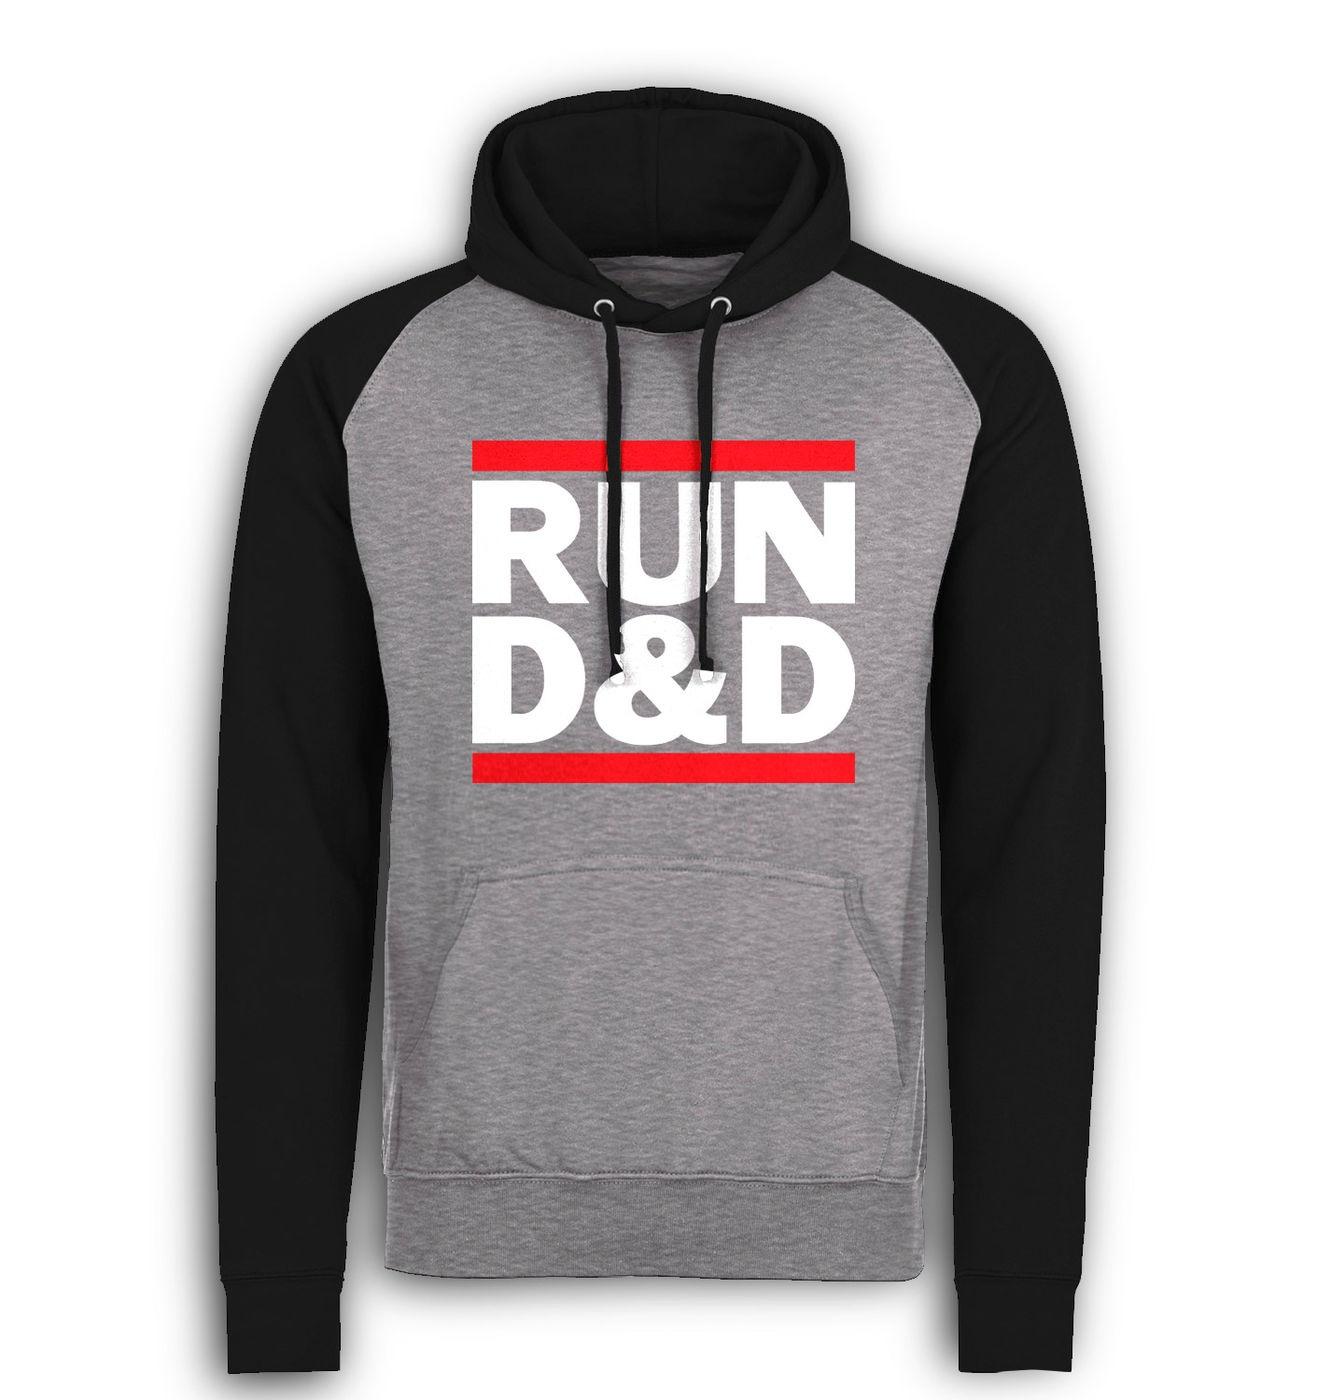 RUN D&D baseball hoodie by Something Geeky